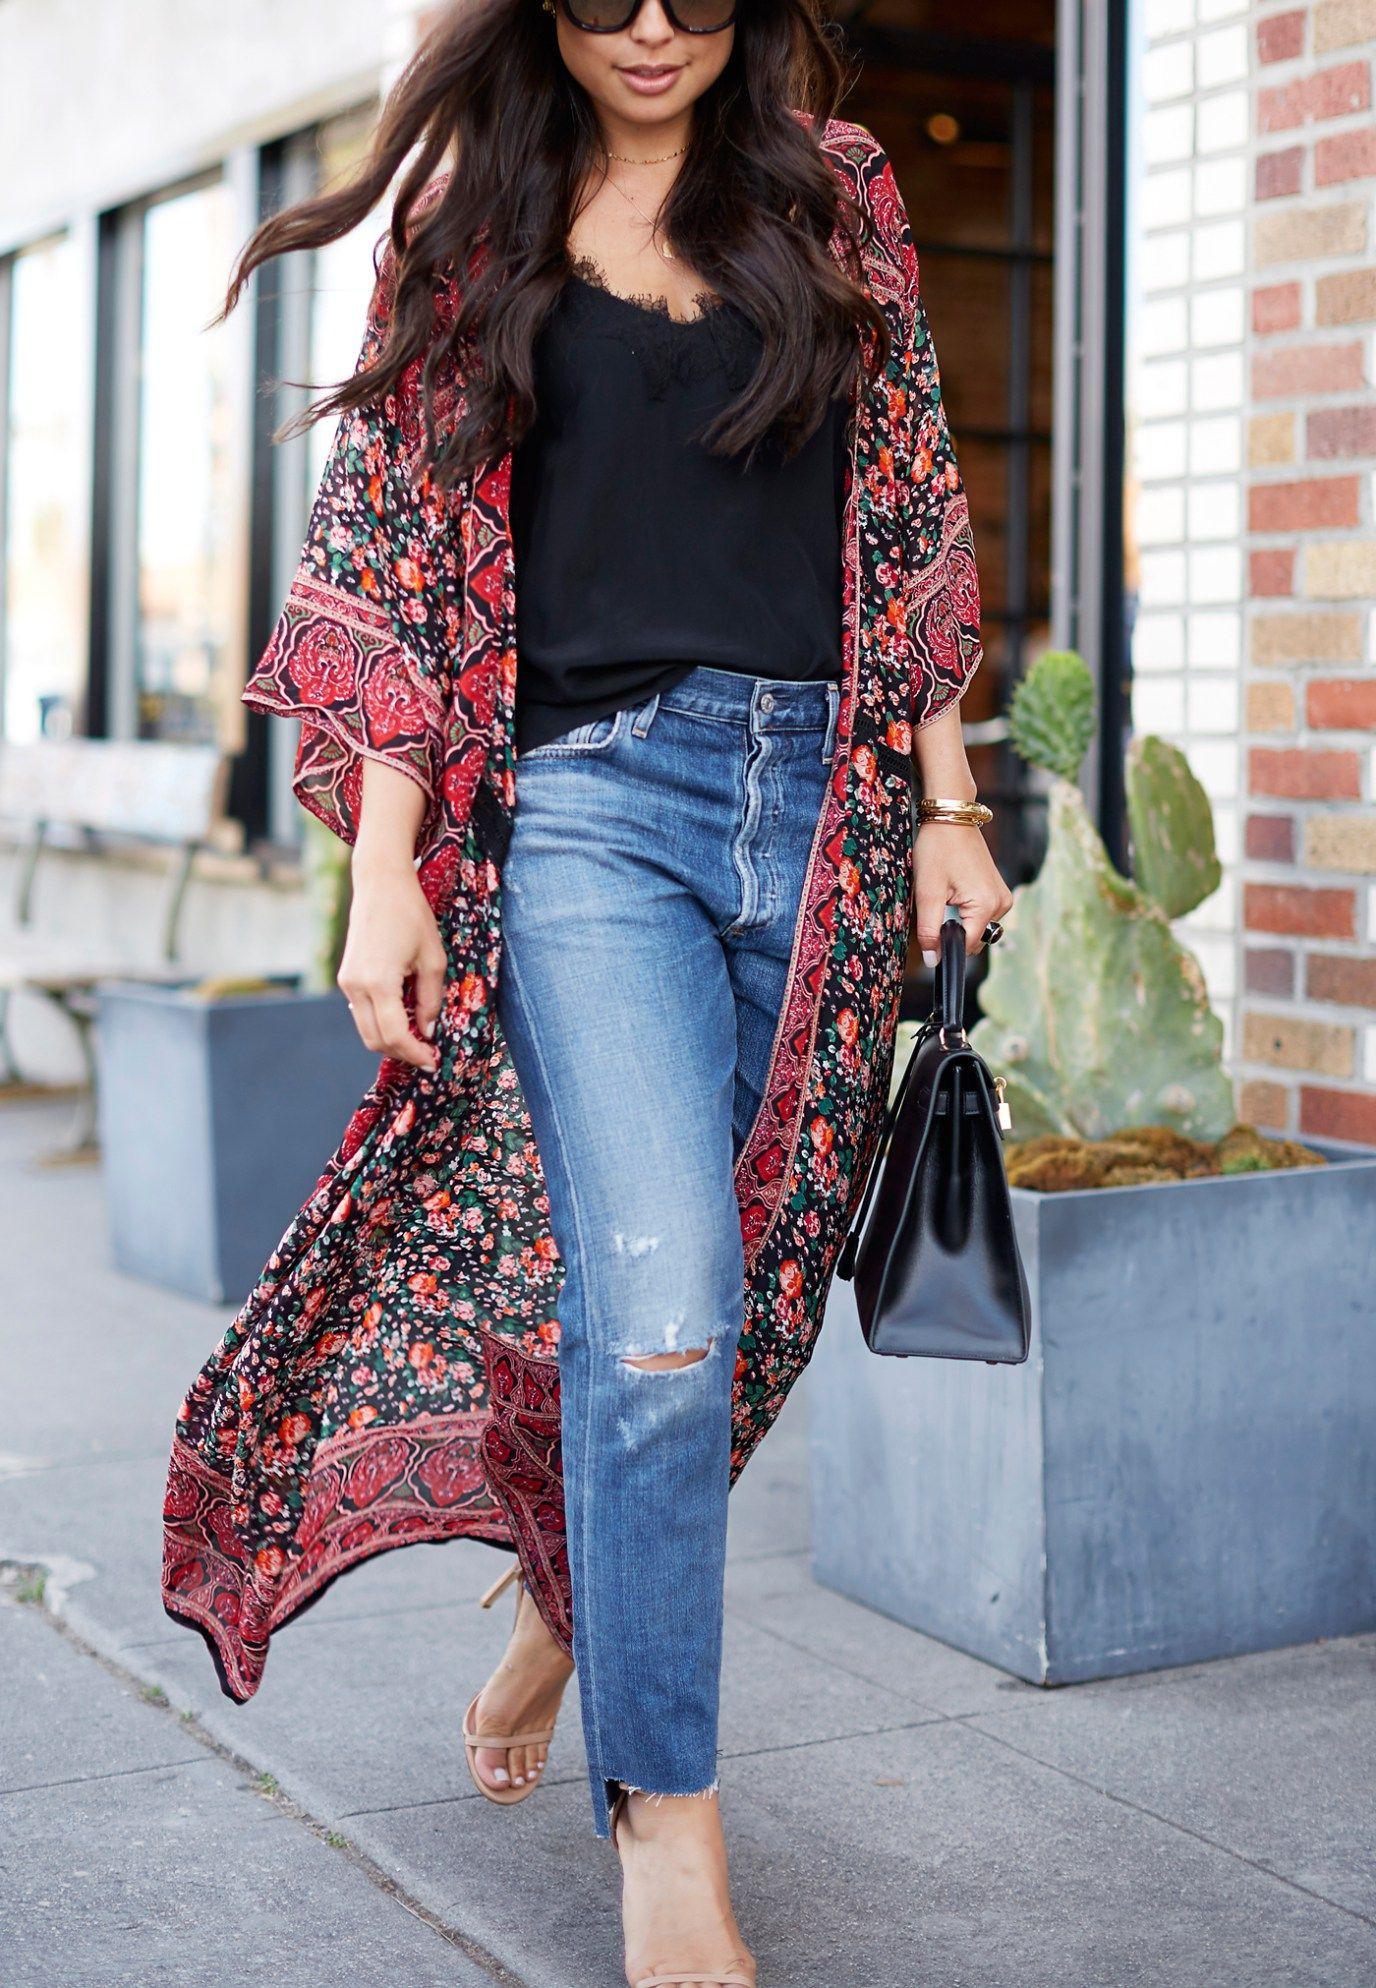 Kimono floreado y jeans, street fashion, boho chic, t shirt